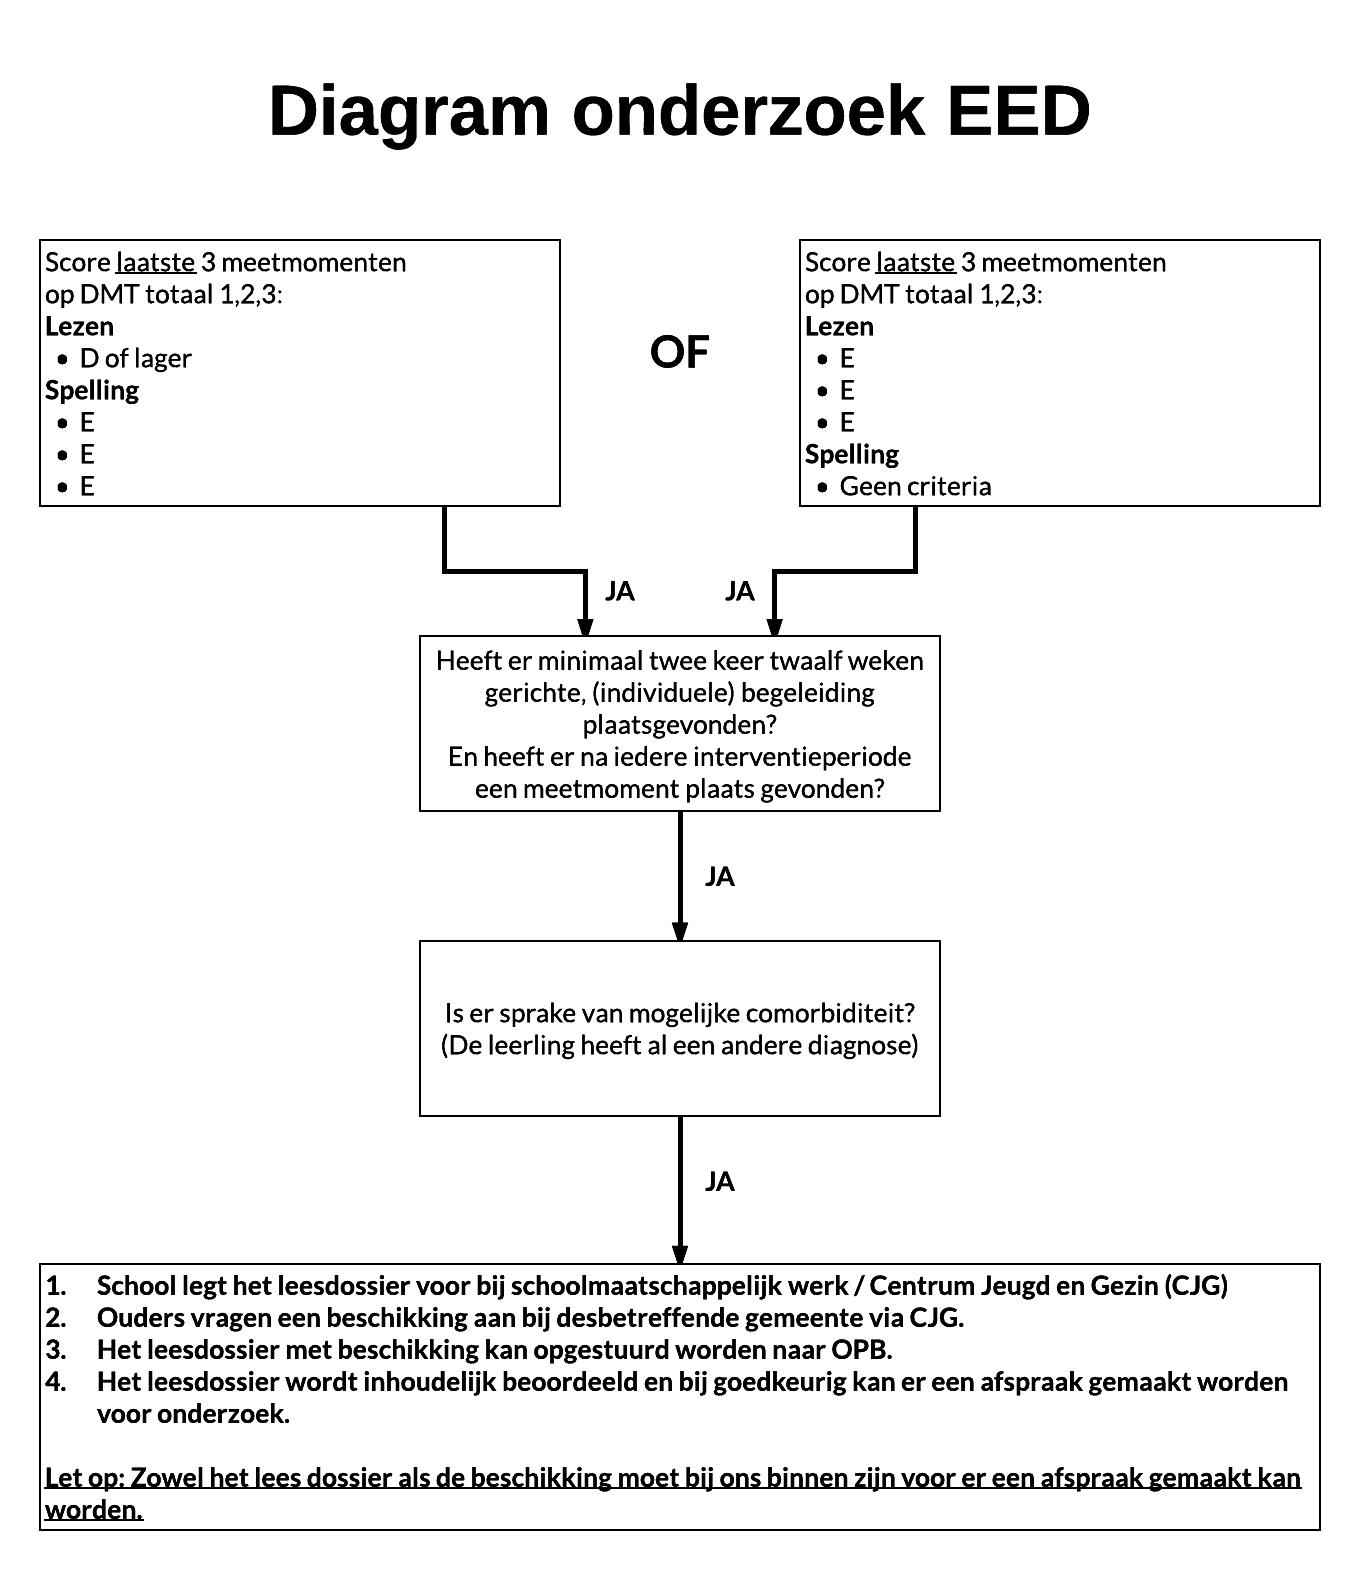 Diagram onderzoek EED